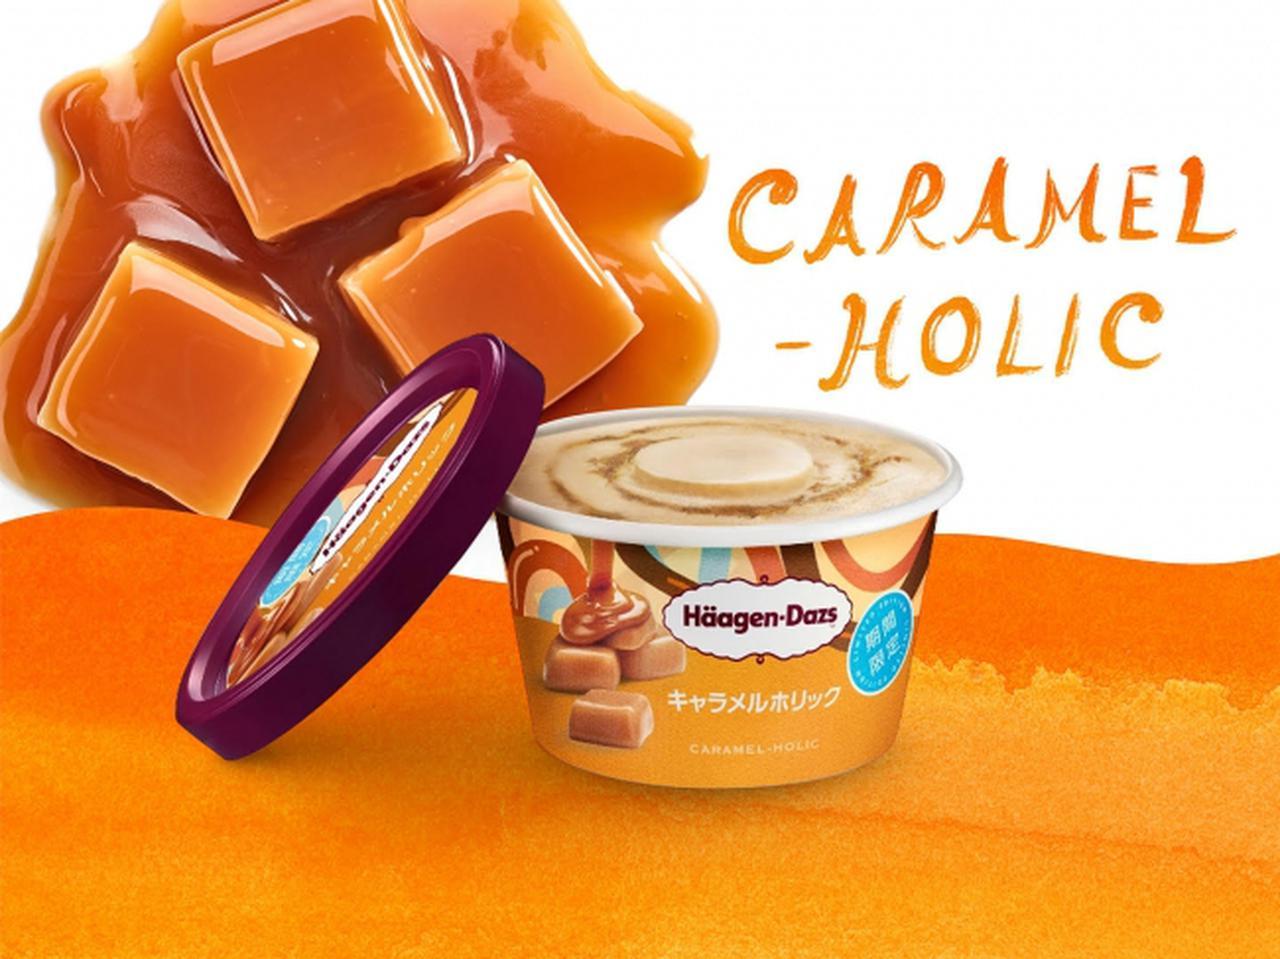 画像1: キャラメルの甘味と塩味のコントラストがやみつき!ミニカップ『キャラメルホリック』